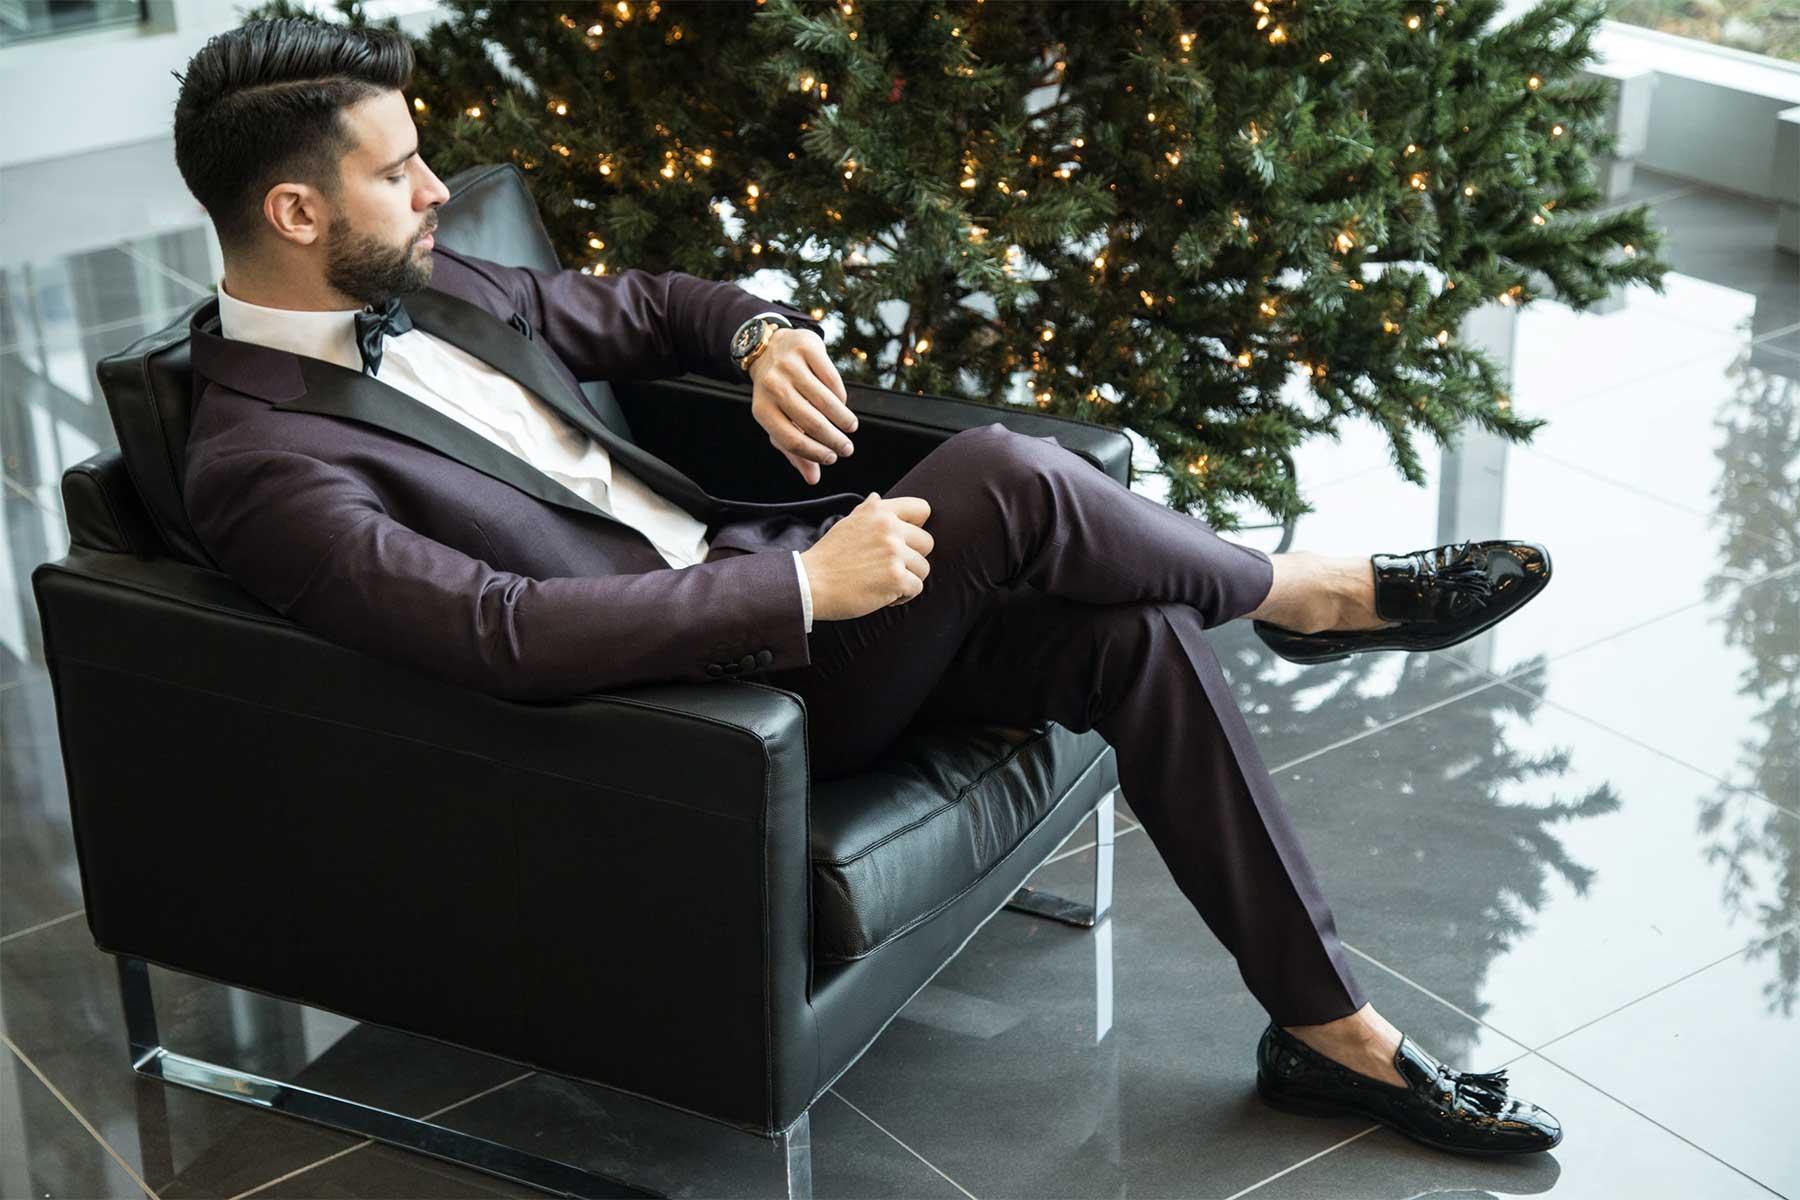 Männerhemden, die Mann am Weihnachtsabend trägt